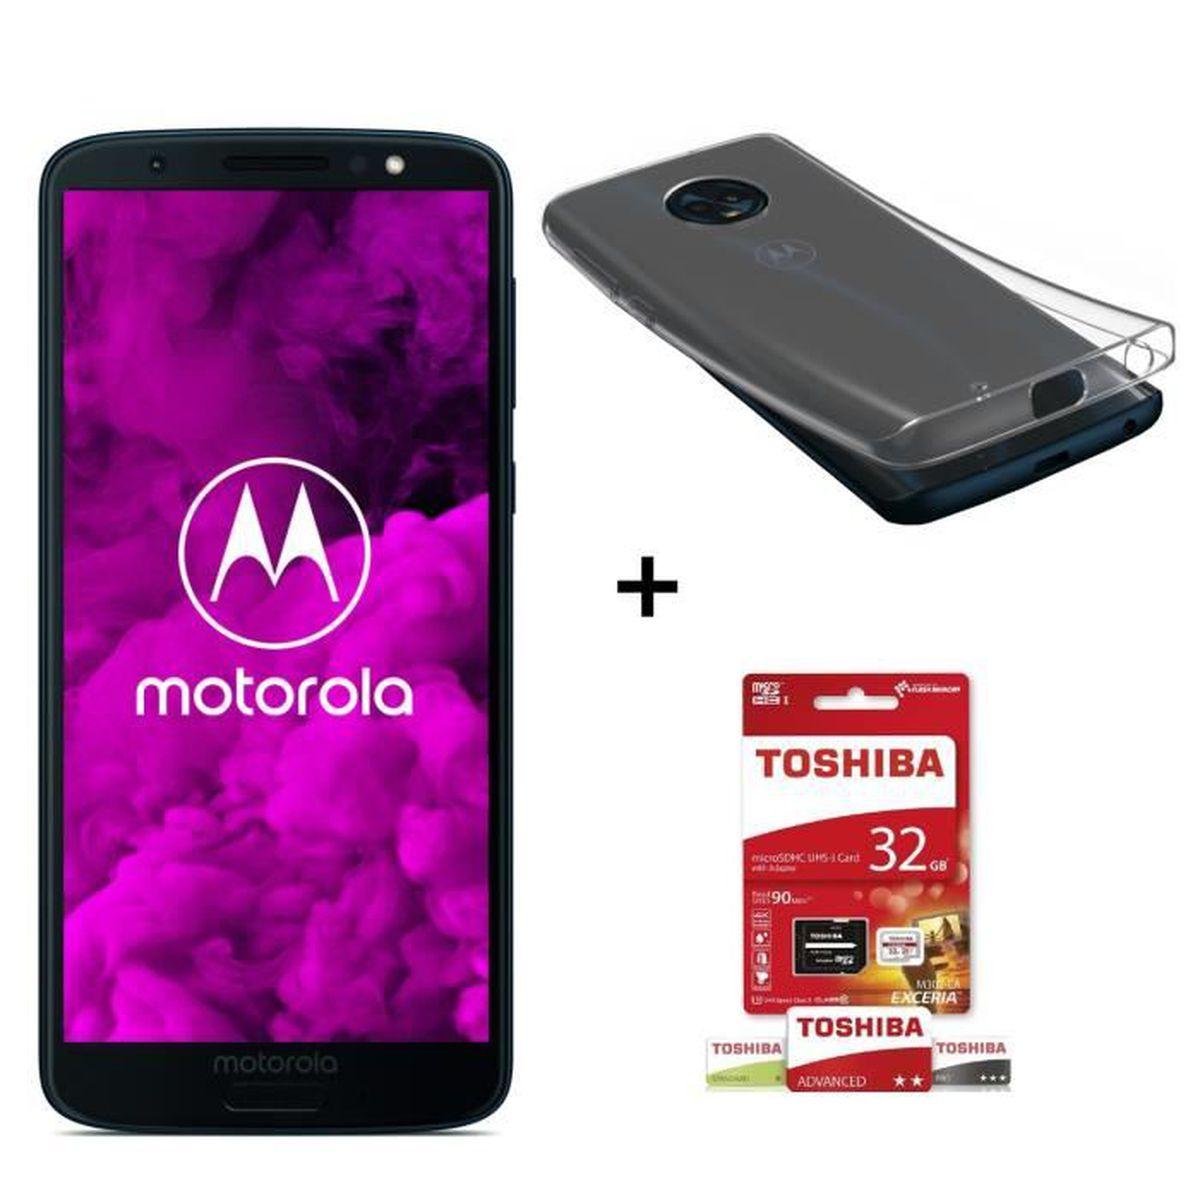 SMARTPHONE Motorola Moto G6 32 Go Bleu Indigo + Toshiba Micro